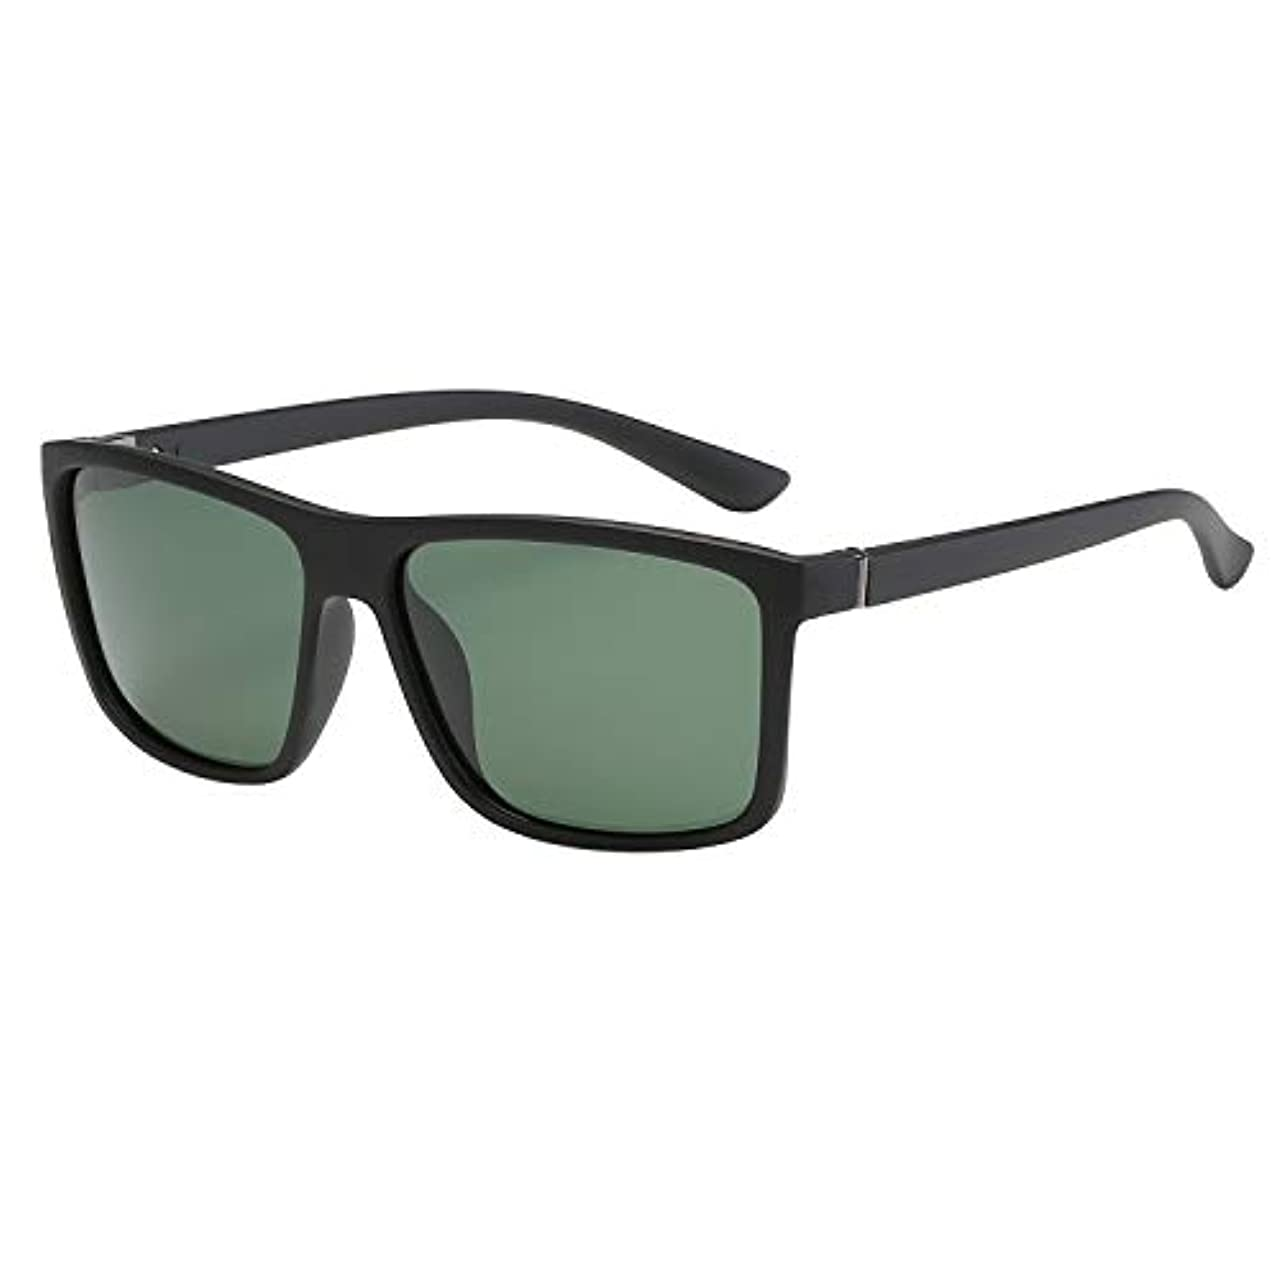 蘇生するアイザックベッドを作るAroncent サングラス 偏光 メンズ おしゃれ スポーツサングラス UV400 軽量 紫外線防止 ドライブ 釣り 旅行 運転 ファッション アクセサリー プレゼント最適